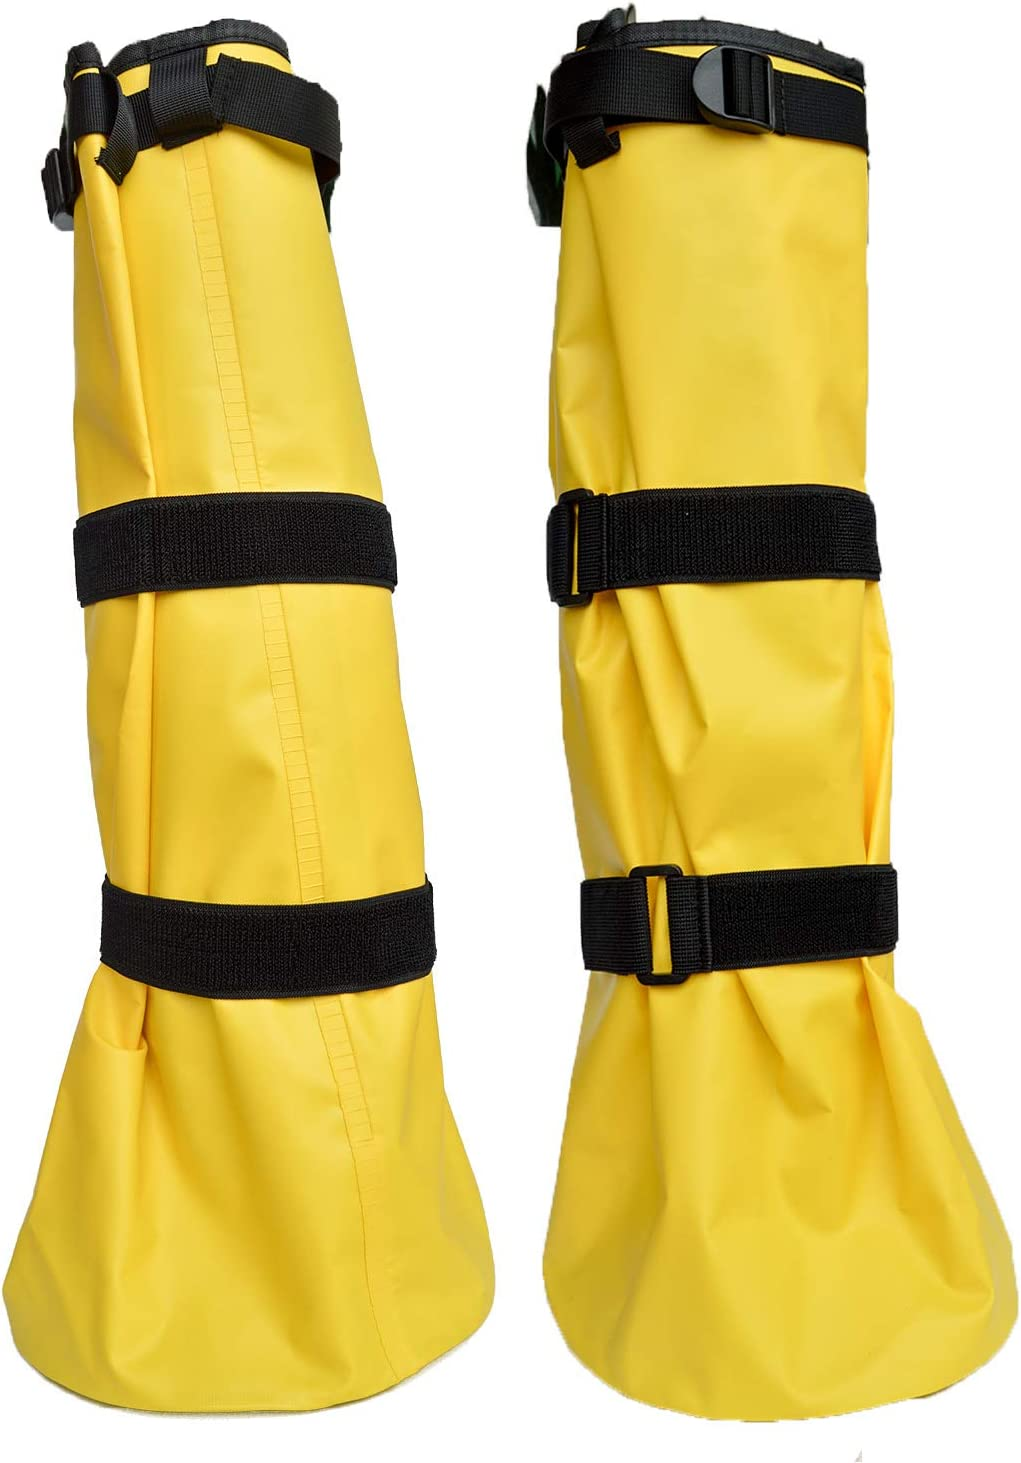 Yeezo 馬 浸漬ブーツ 馬蹄 ソーキングバッグ フーブ ラップドソーカー バッグ 馬 脚 ケア アイシング処理 バケツ 特大サイズ ドローストリング クローズフィット EVAフォームパッド 2個パック